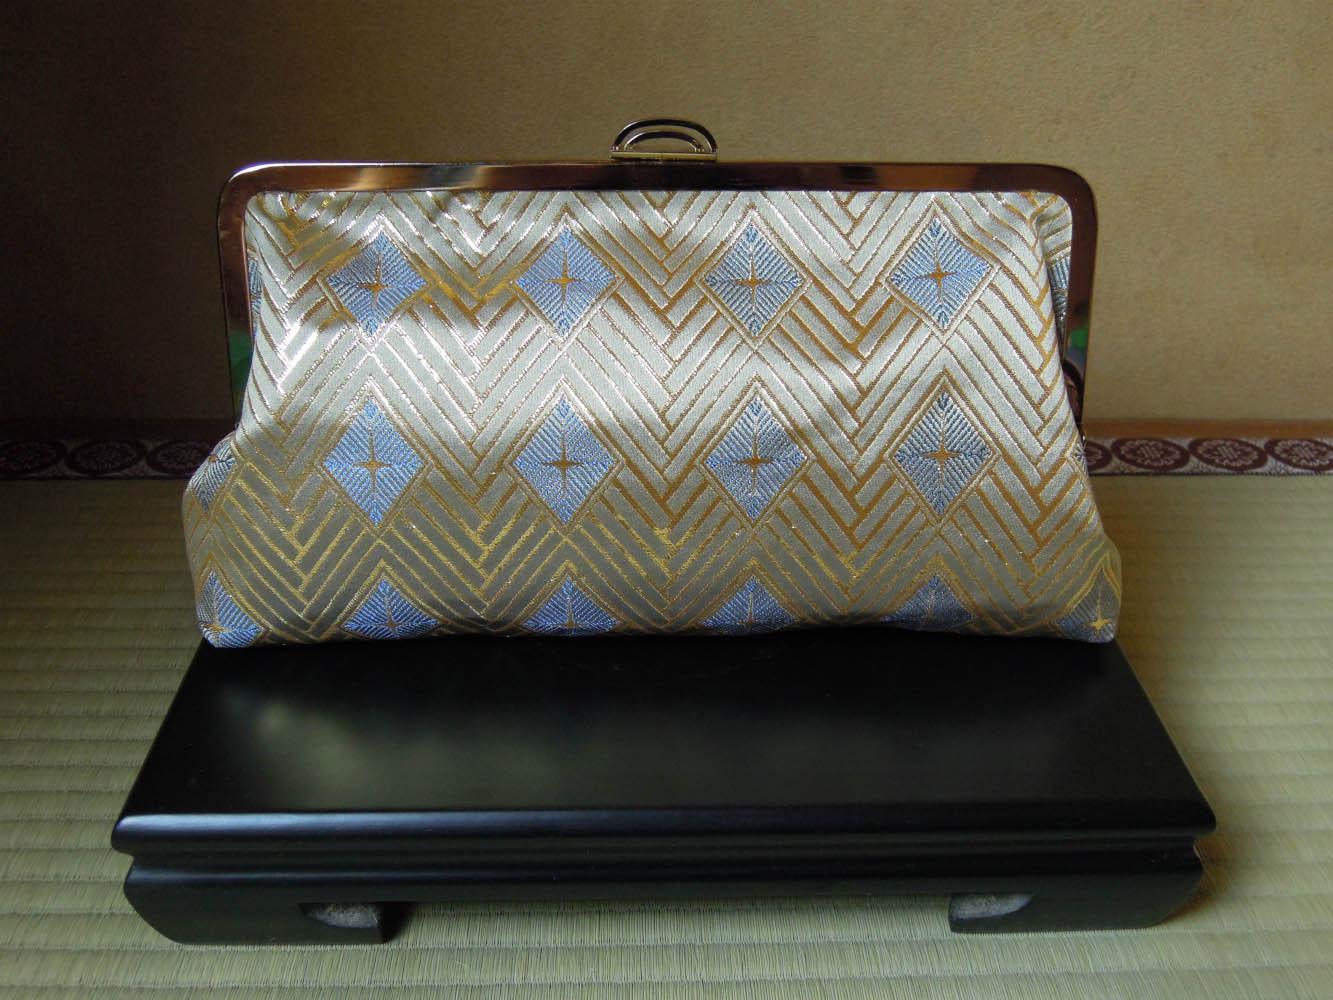 西陣金襴正絹 菱つなぎ紋様 がま口バッグ 正面